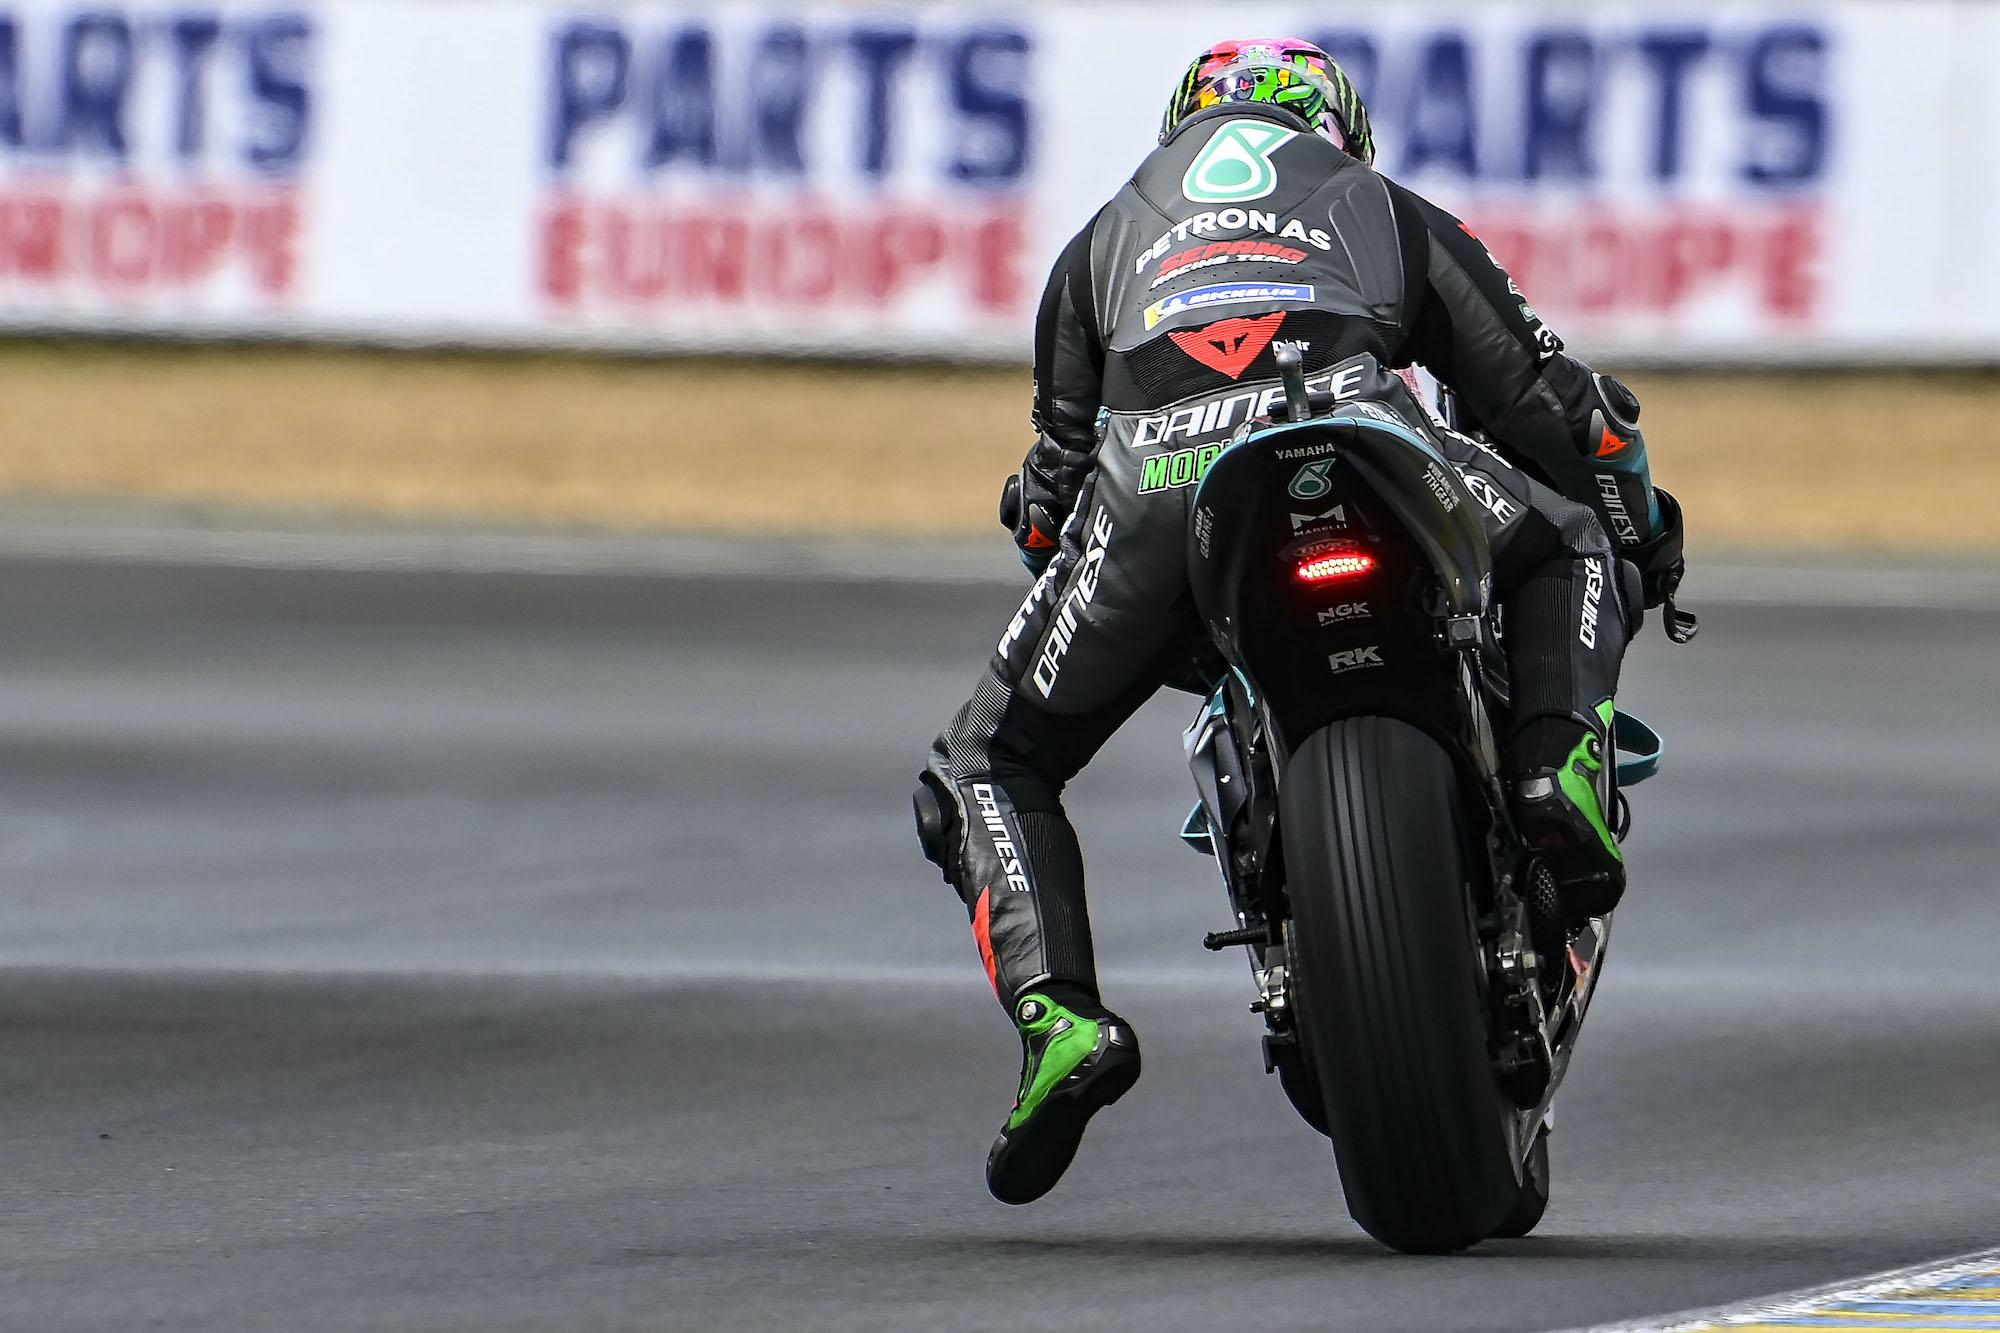 Franco Morbidelli podczas GP Francji 2021